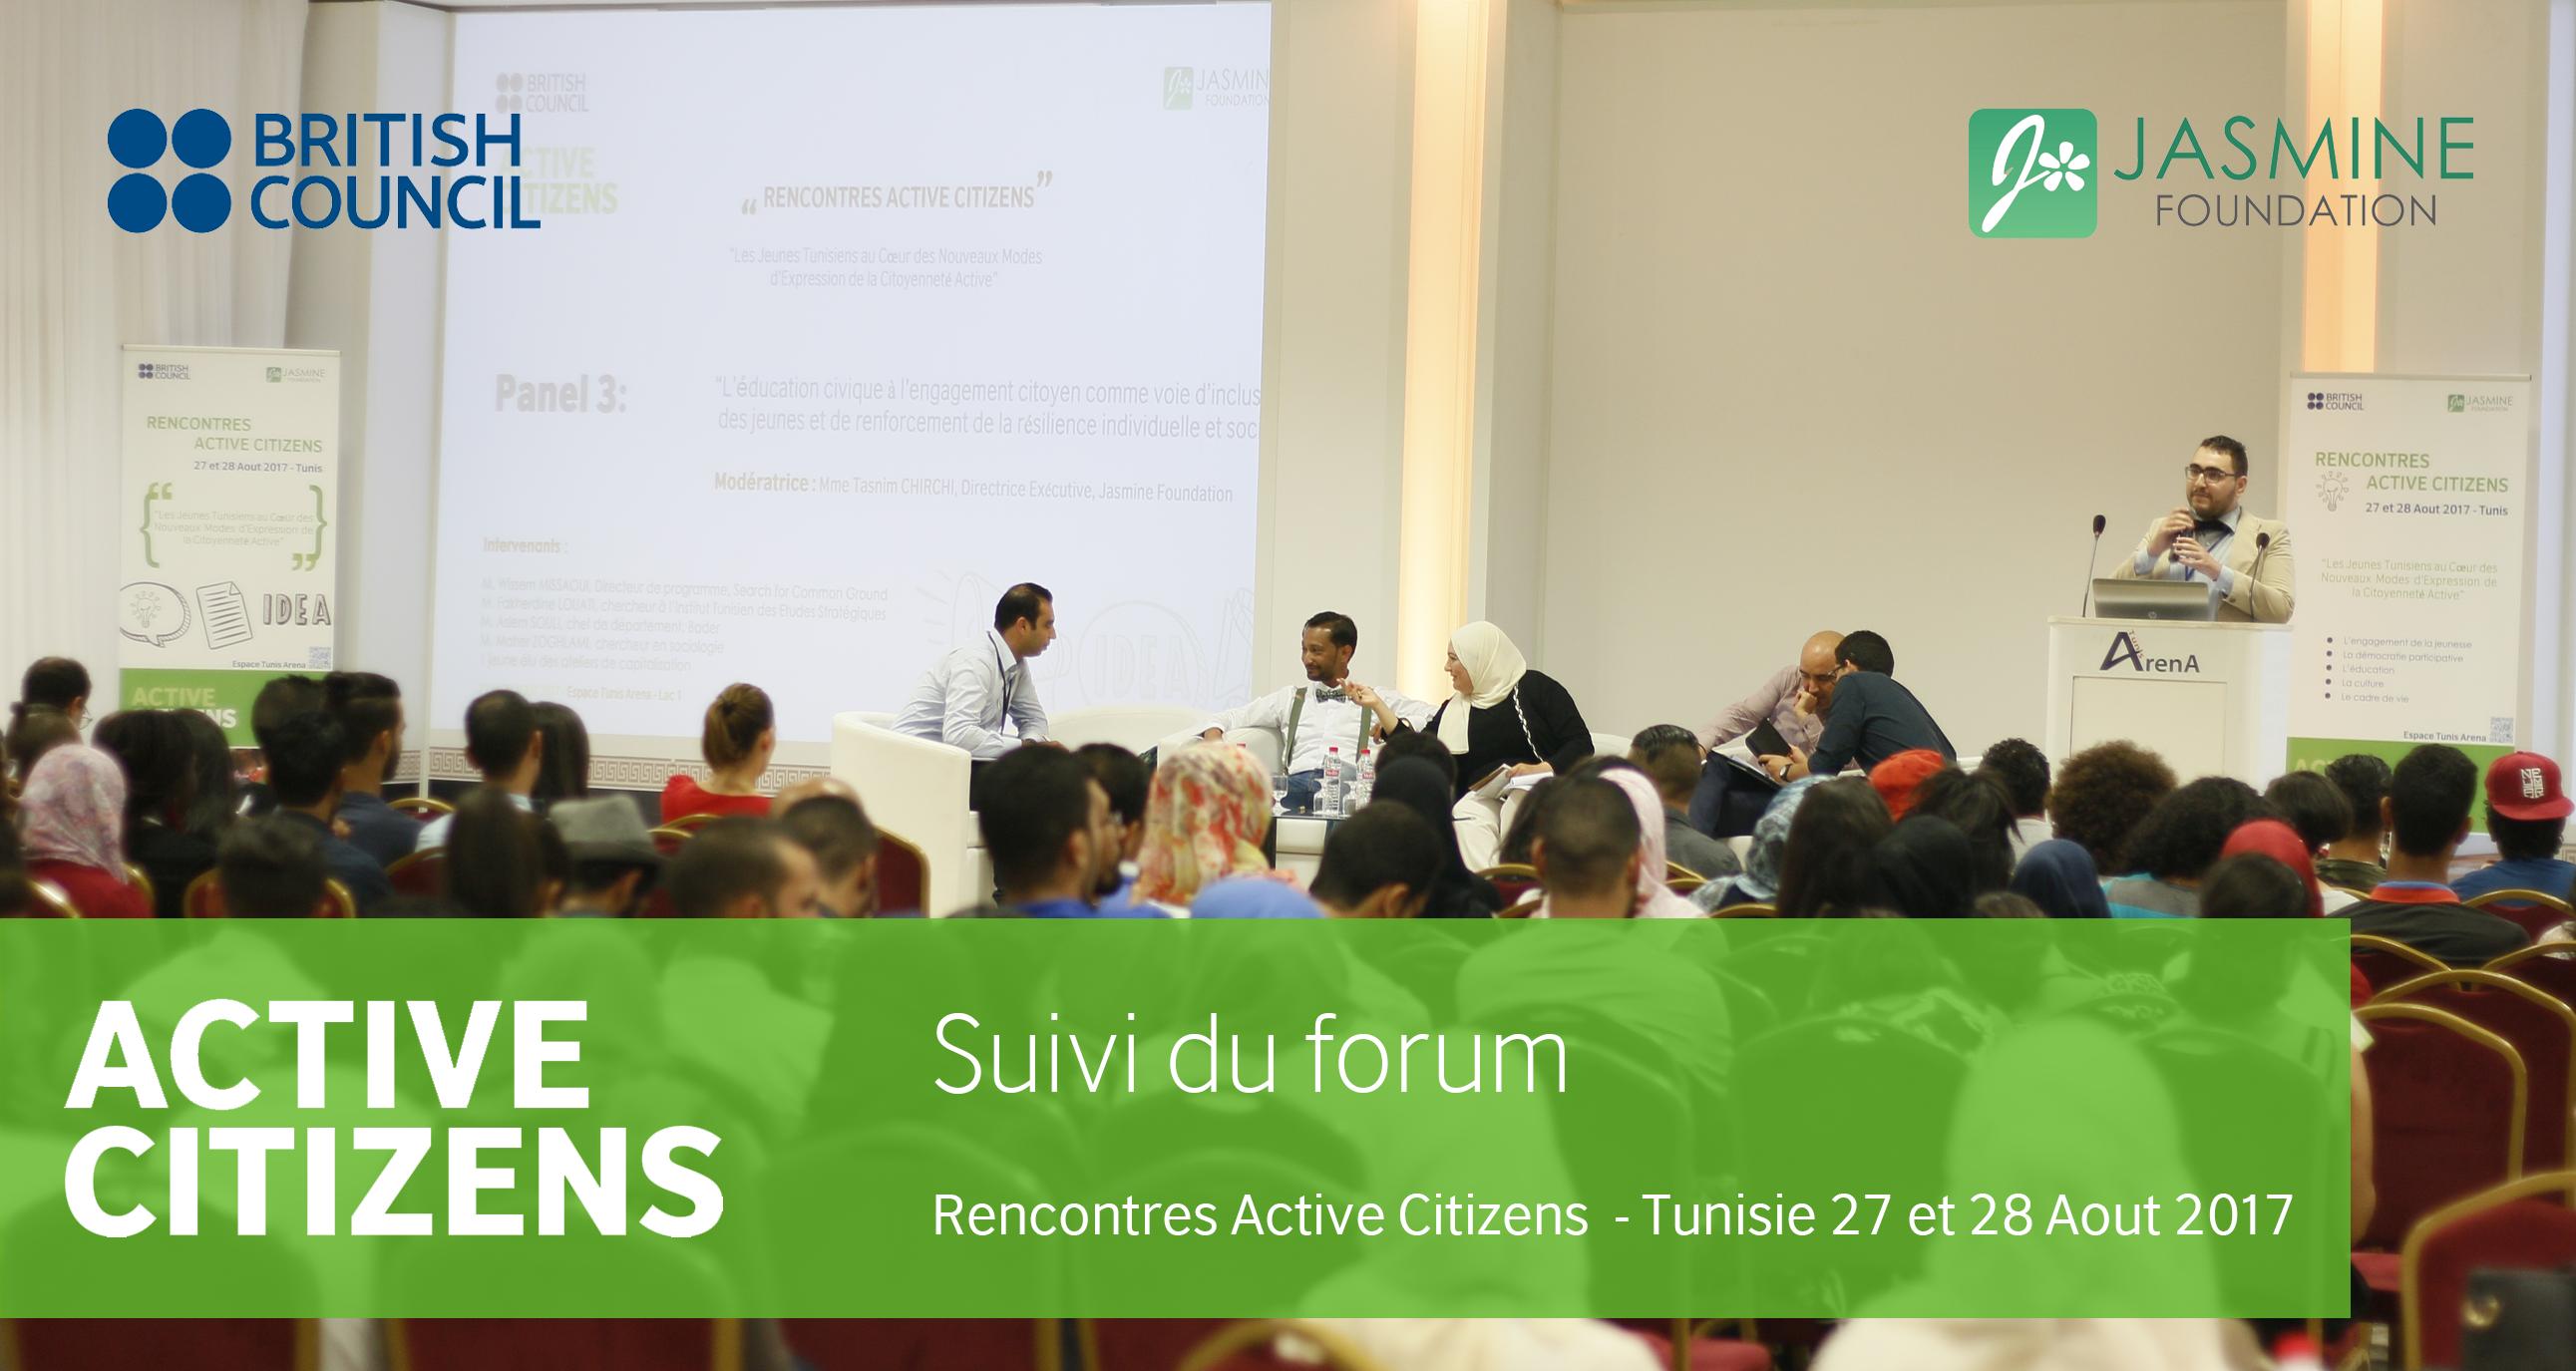 Rencontres Active Citizens: la parole aux jeunes, le message à tous